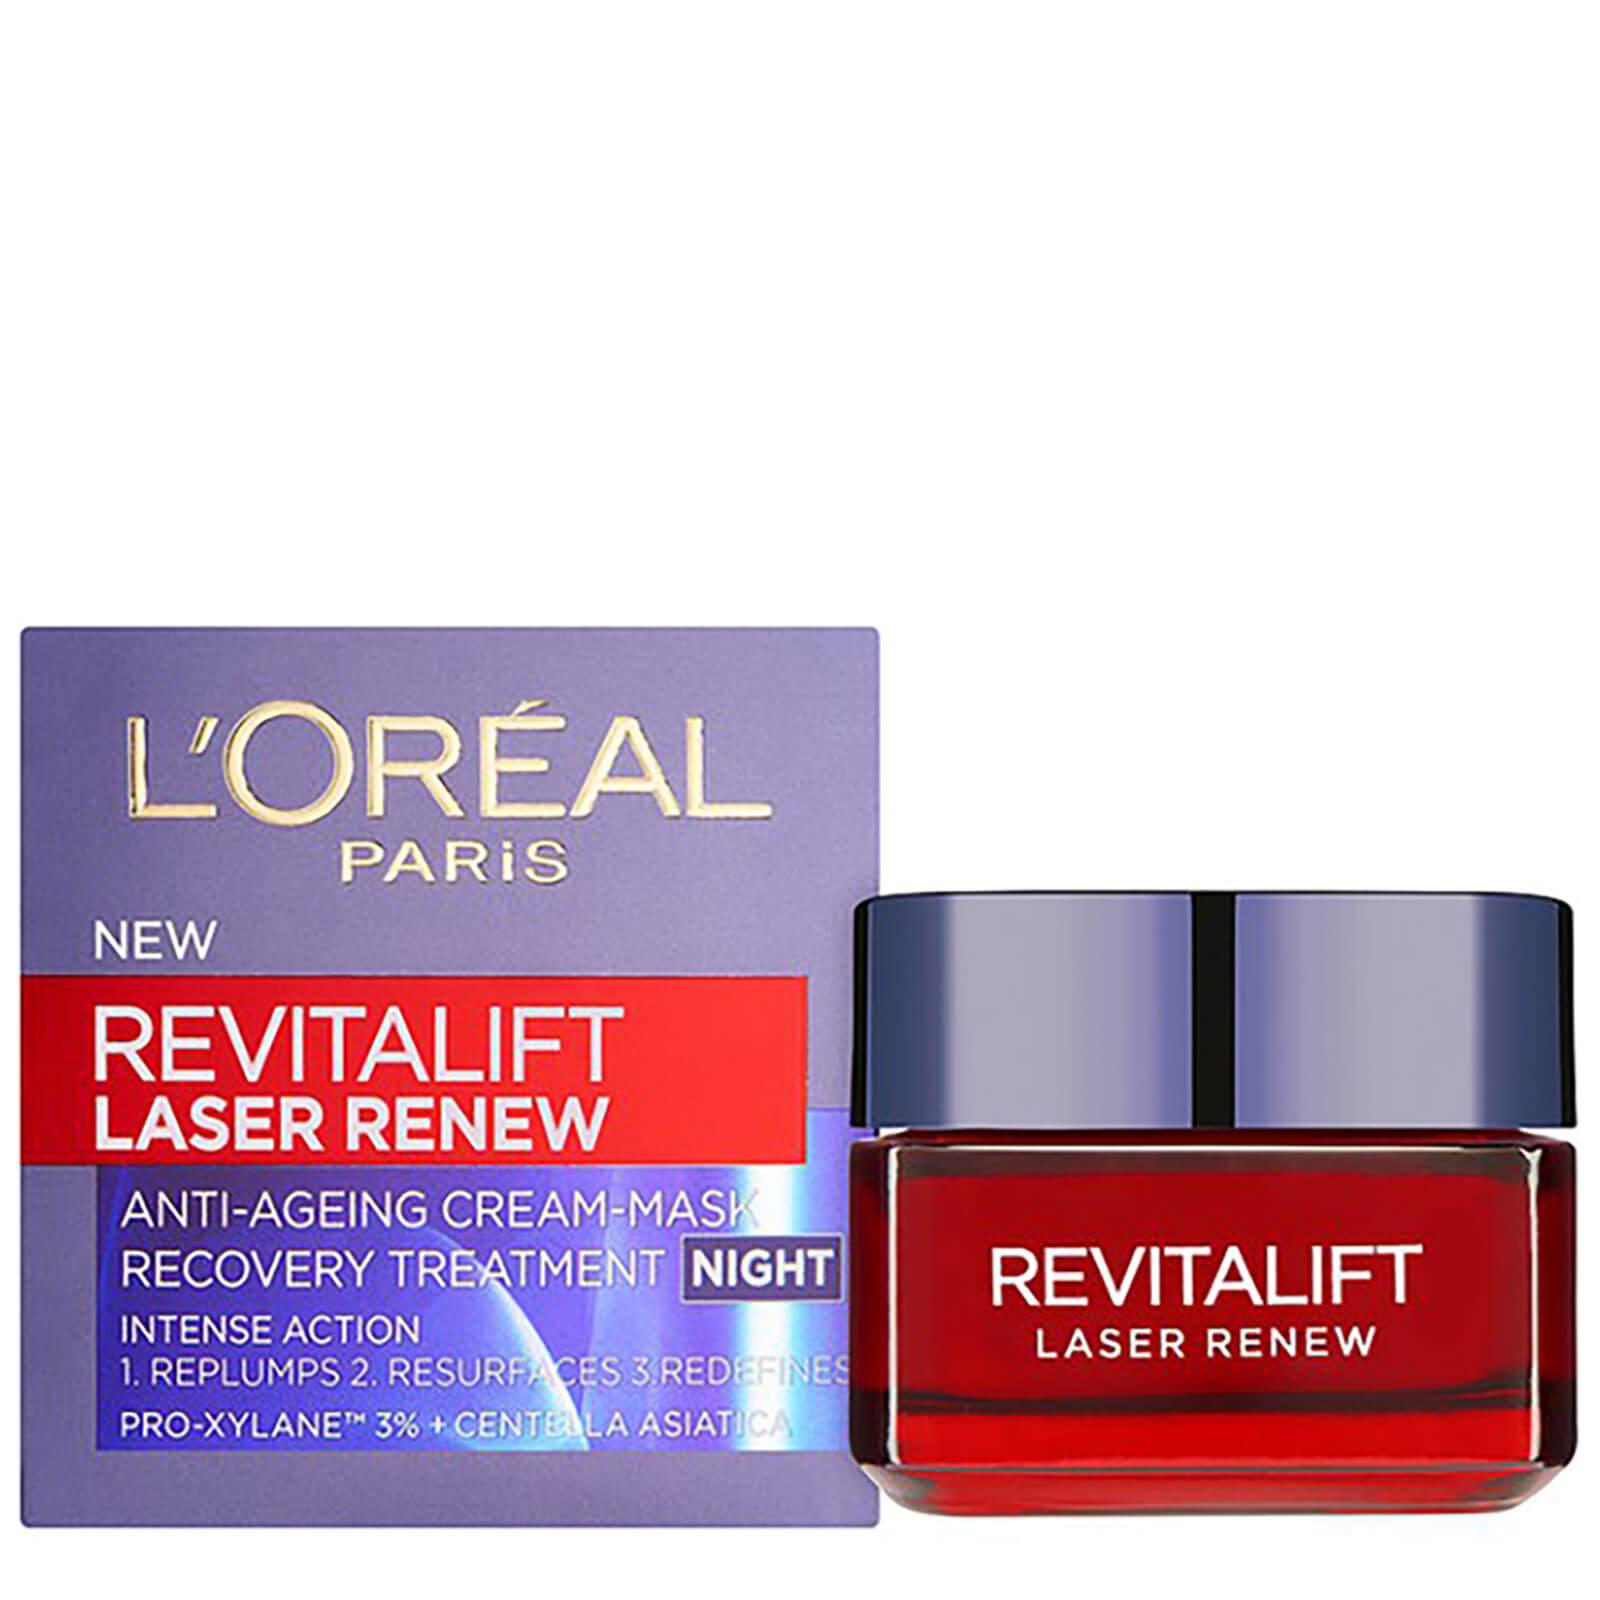 L'Oréal Paris Revitalift Laser Renew Night Cream 50ml